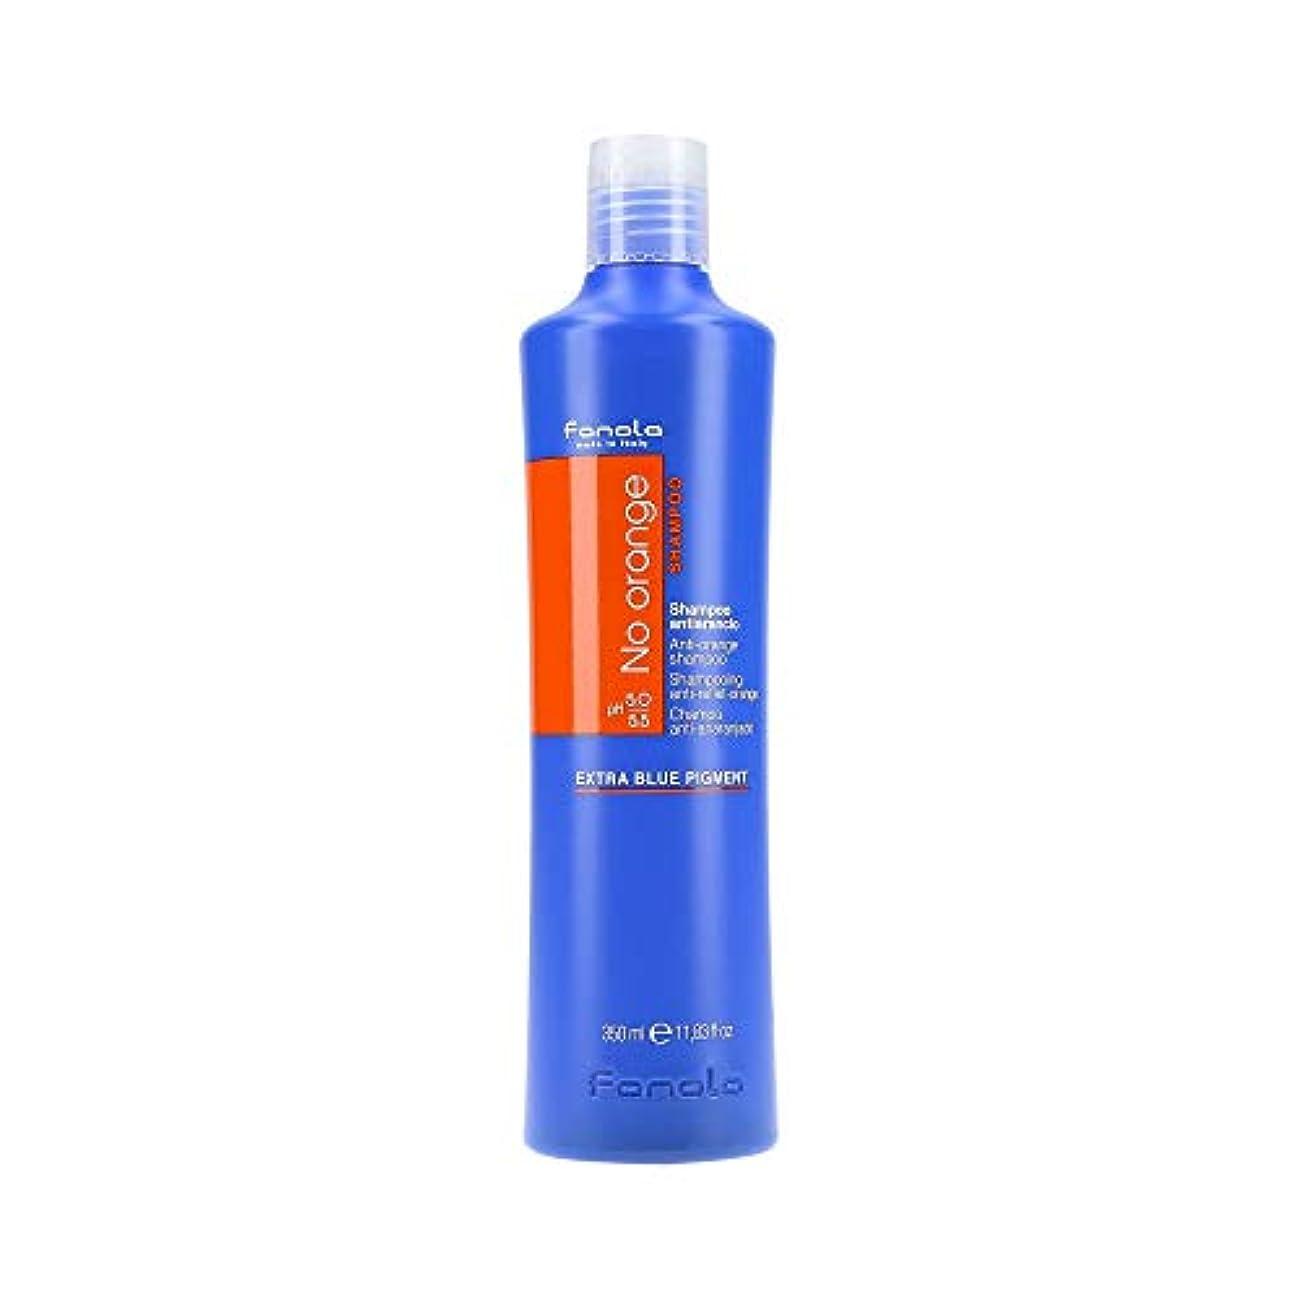 閉塞バルセロナ懐疑的ファノラ ノー オレンジ シャンプー Fanola No orange Shampoo - Anti-orange Shampoo 350 ml [並行輸入品]